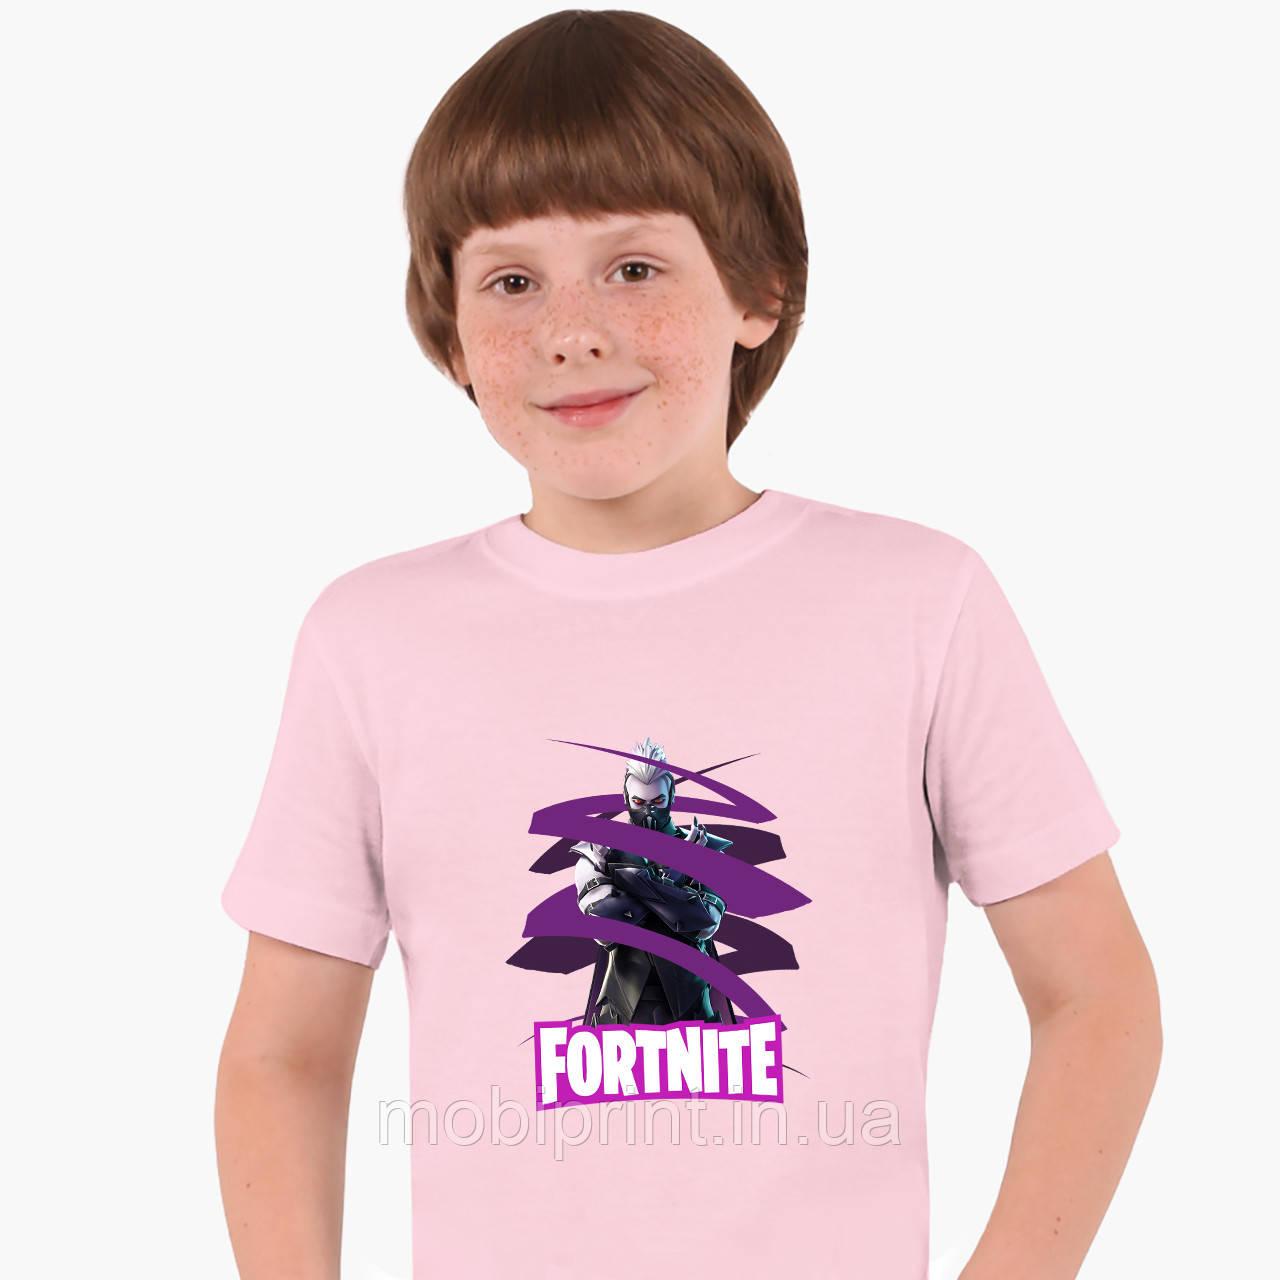 Детская футболка для мальчиков Фортнайт (Fortnite) (25186-1190) Розовый